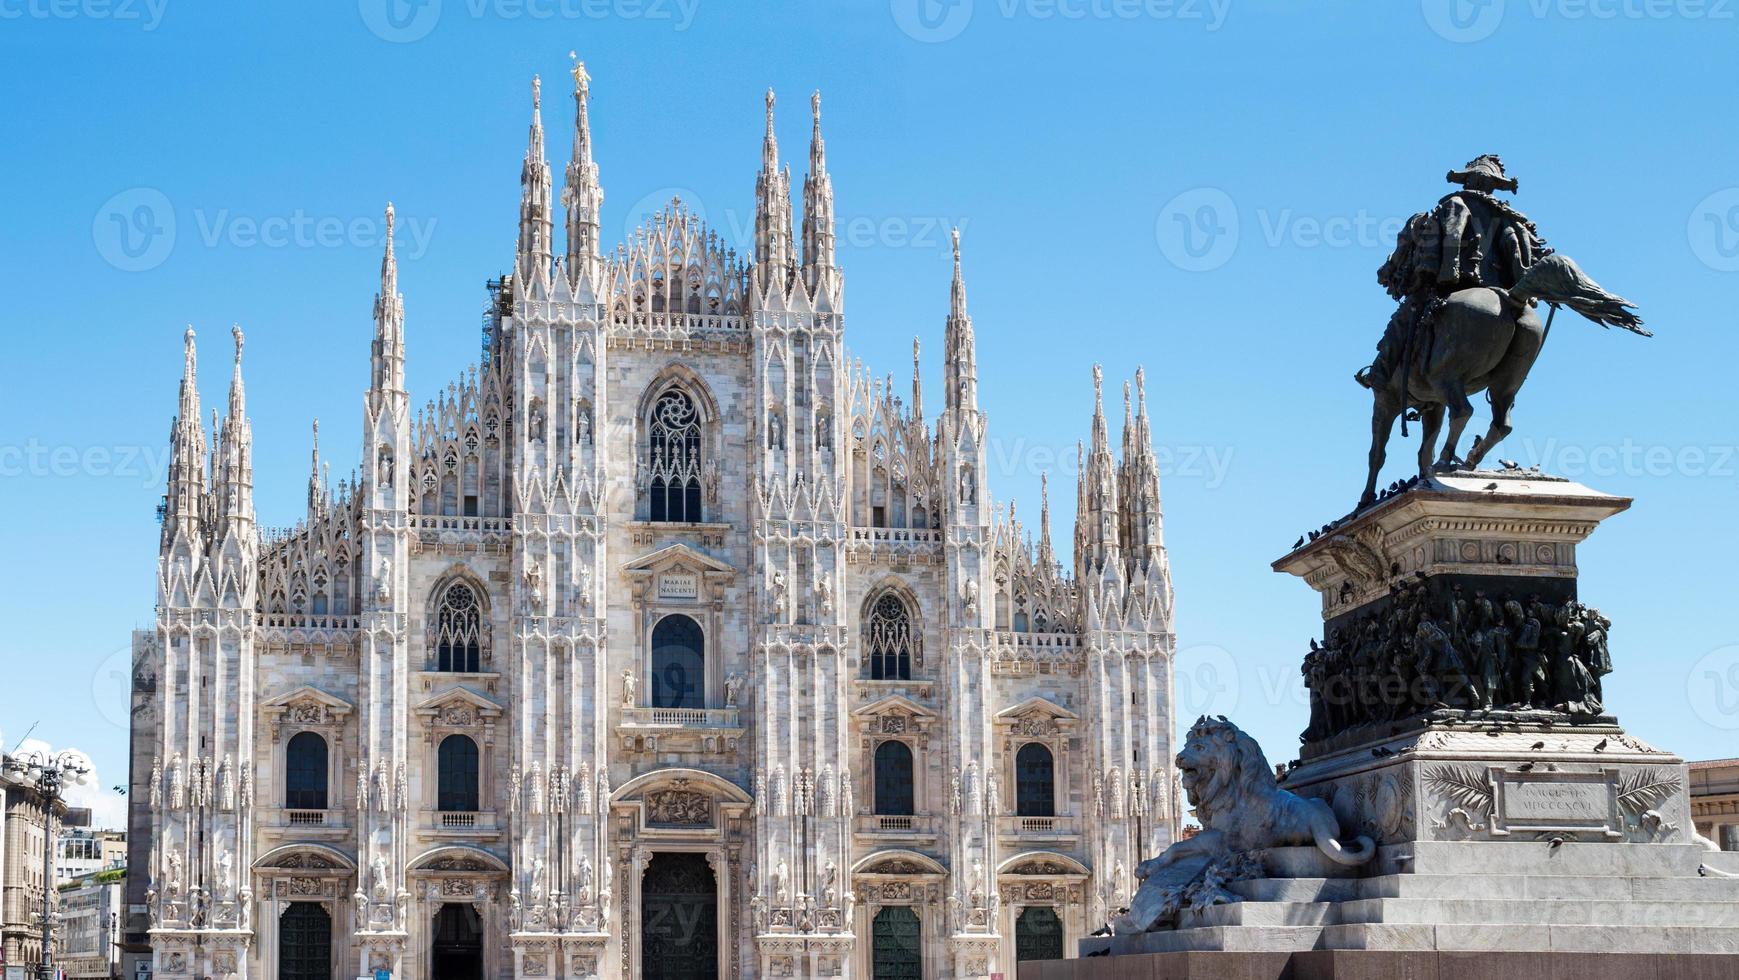 Italie. milan duomo. cathédrale photo